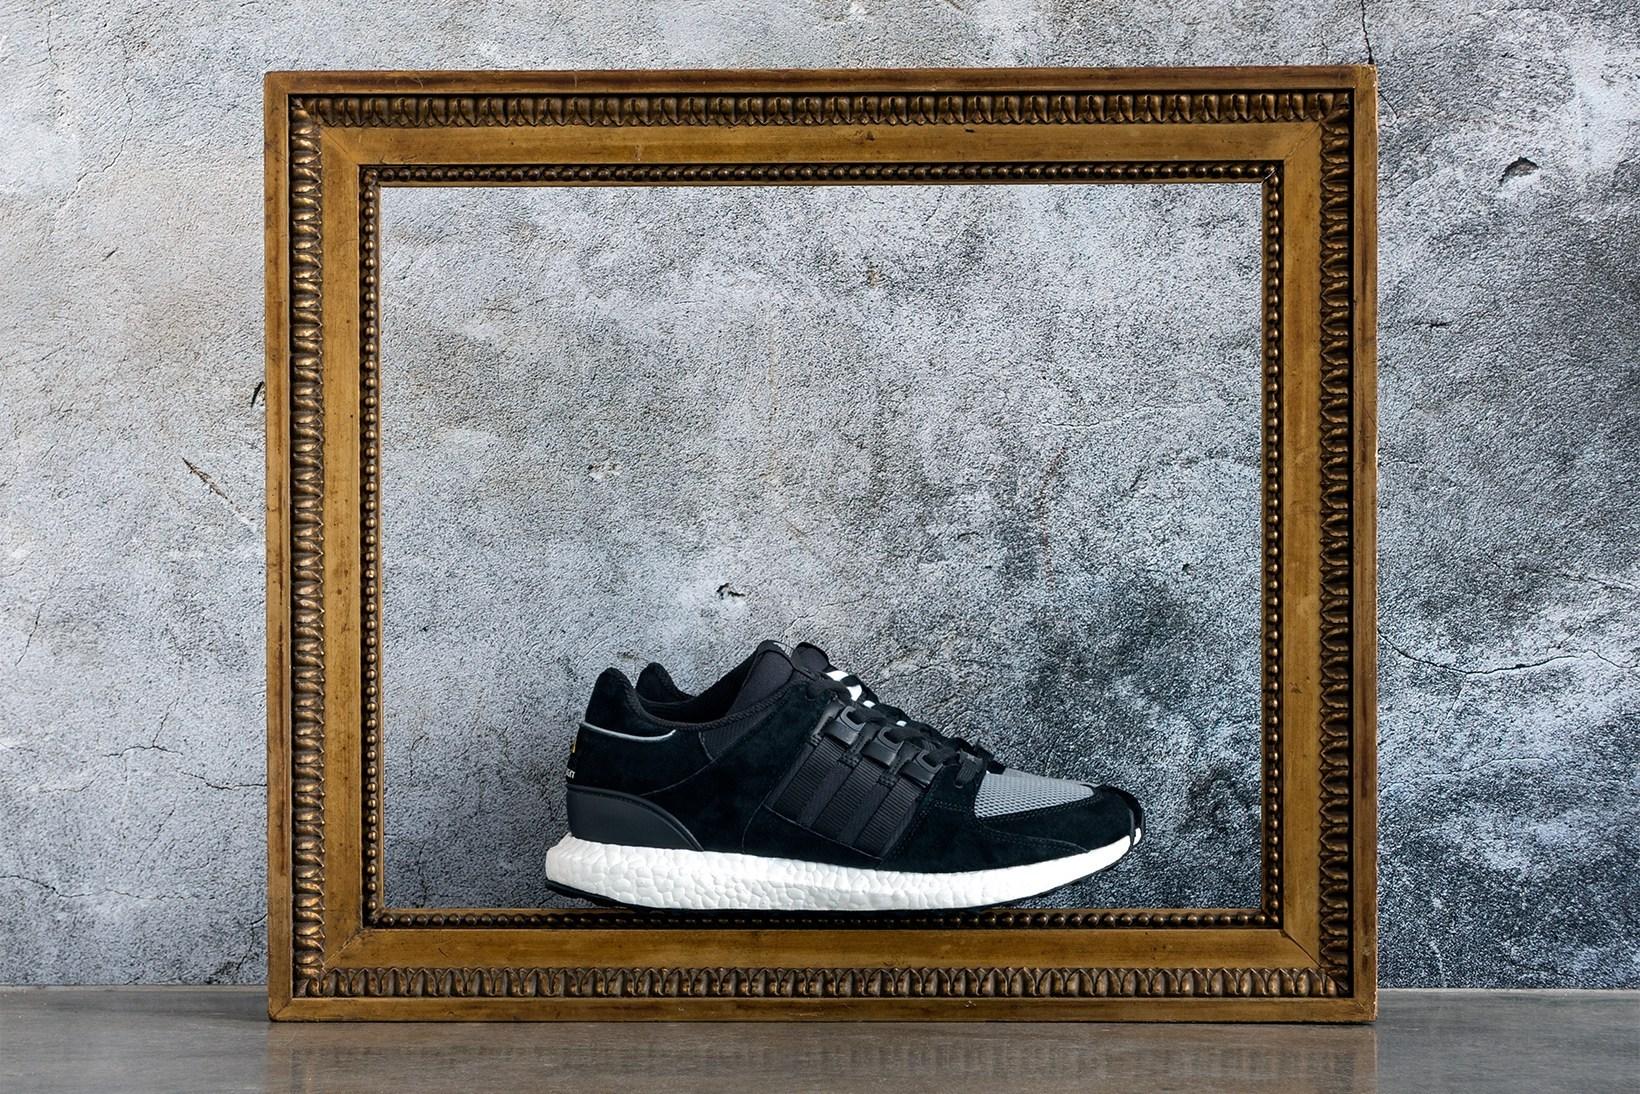 concepts-adidas-consortium-eqt-93-16-0011